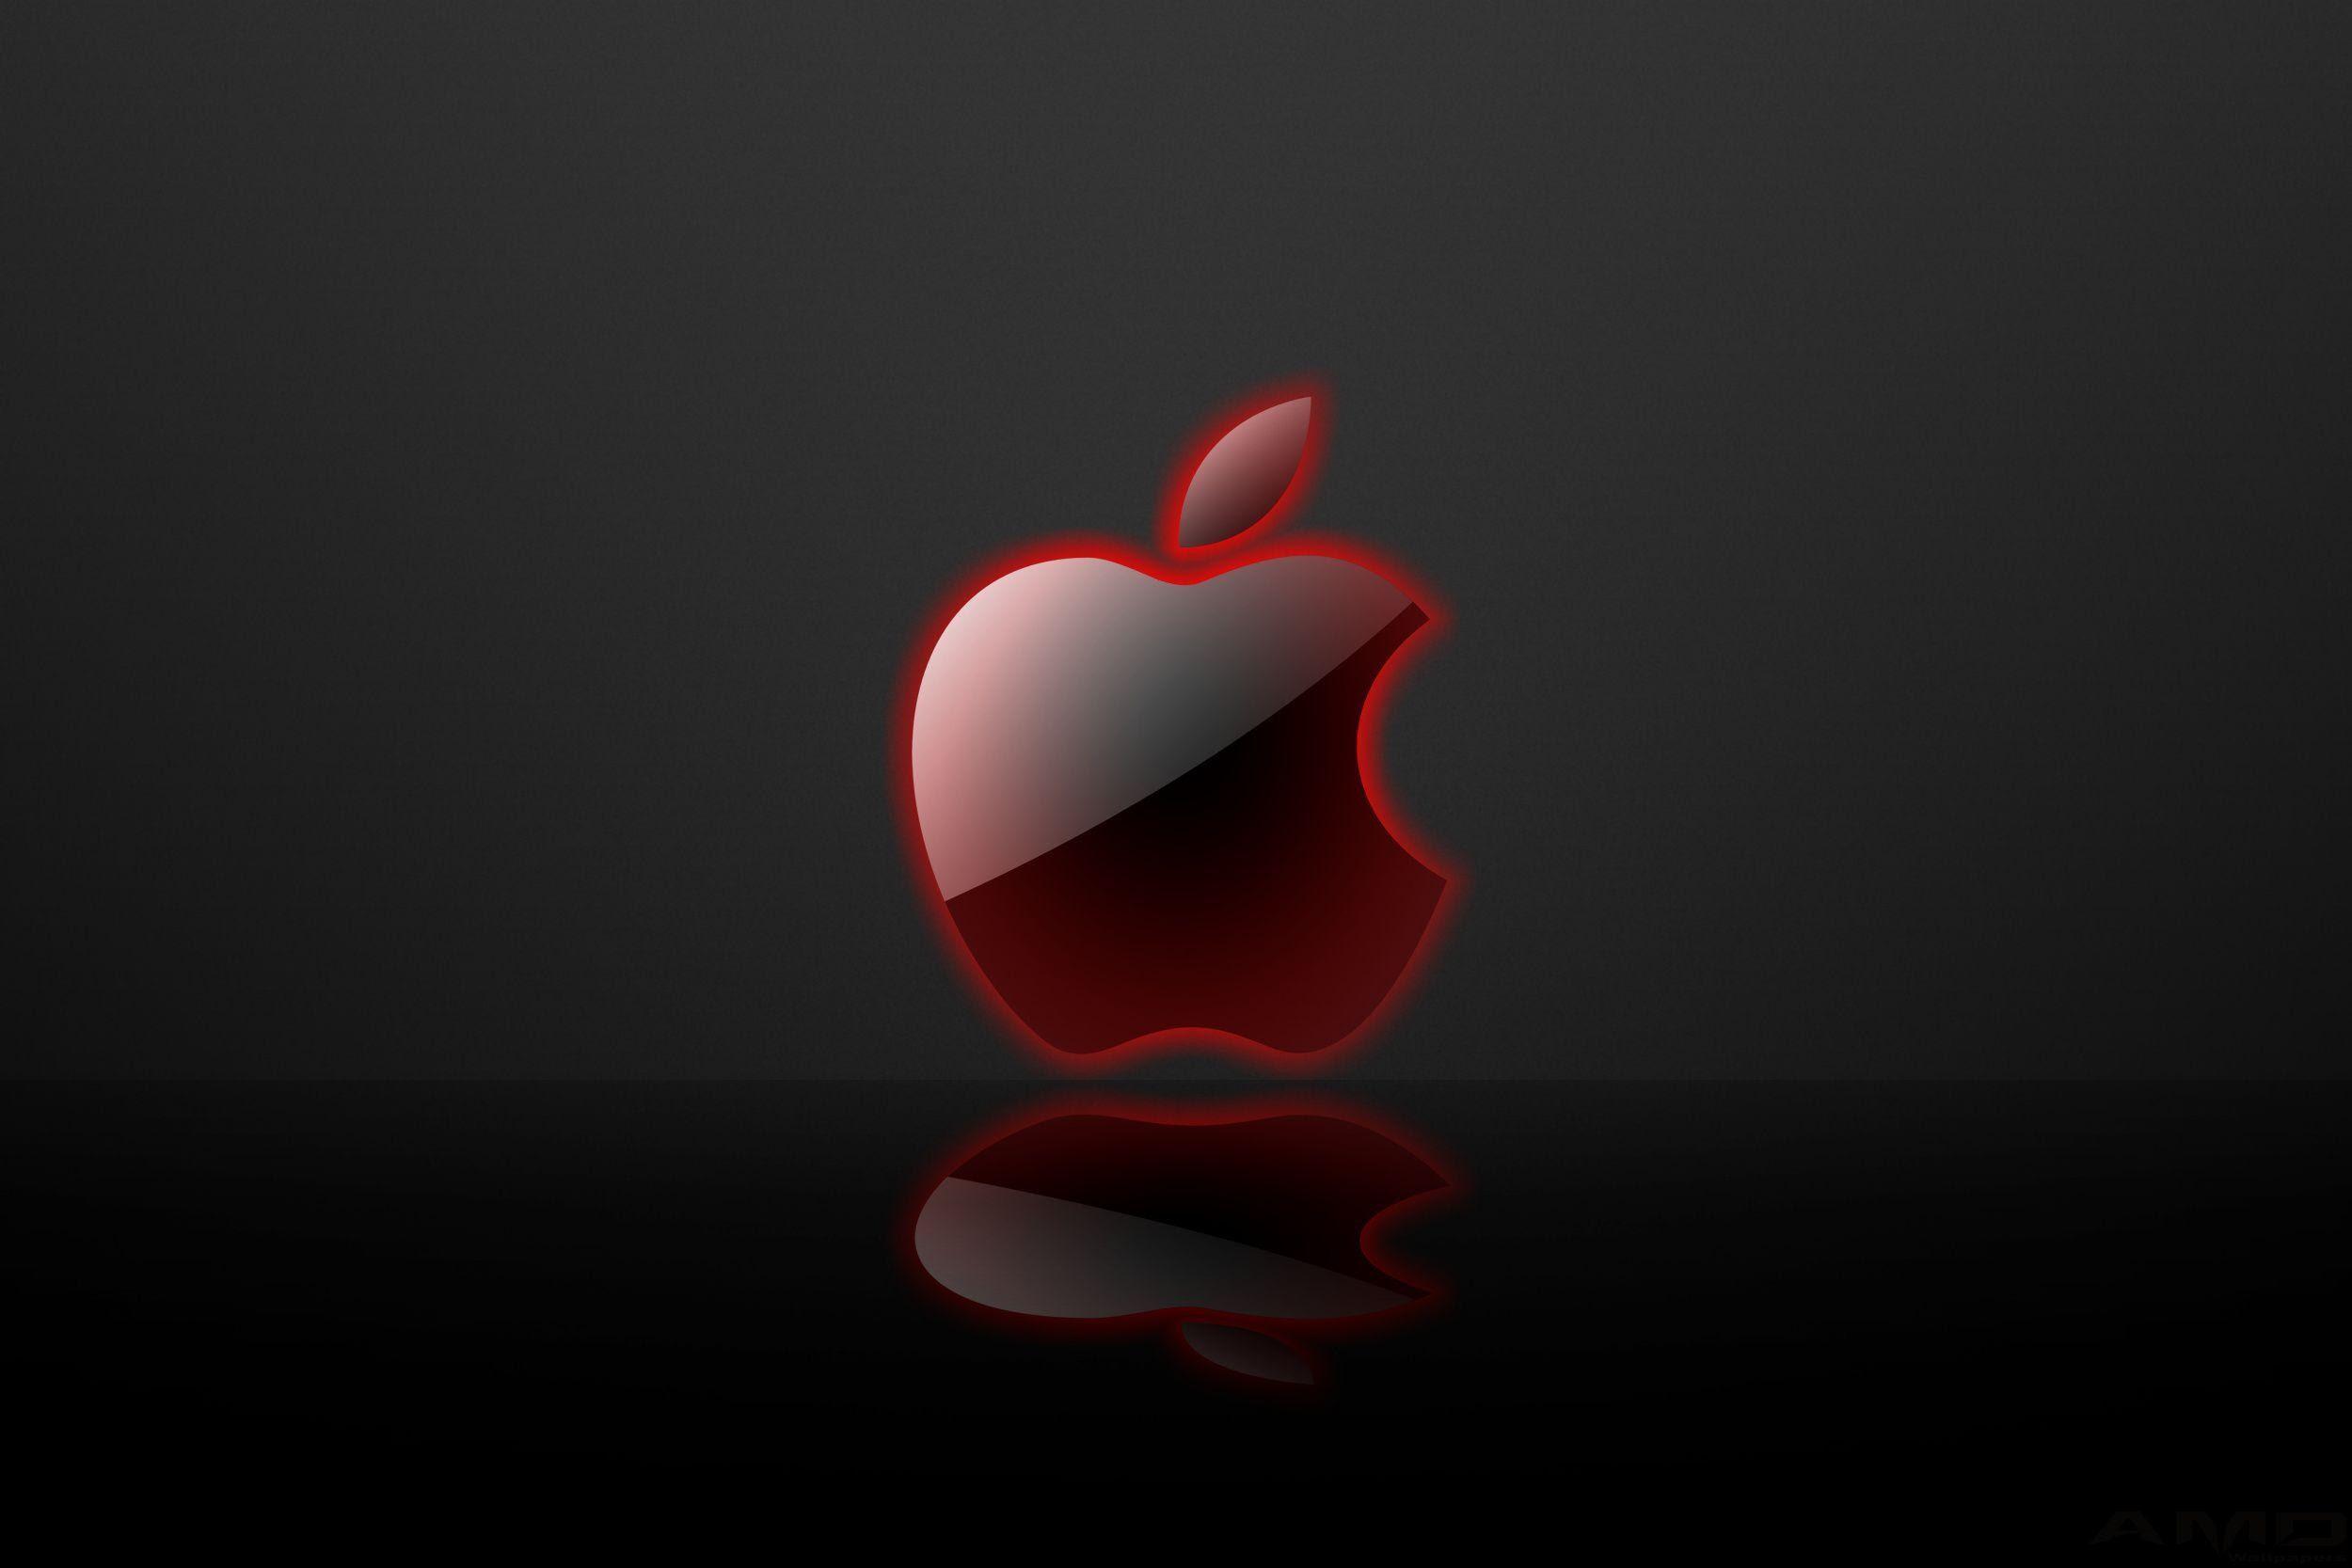 Download 600+ Wallpaper Apple Logo 4k  Paling Keren